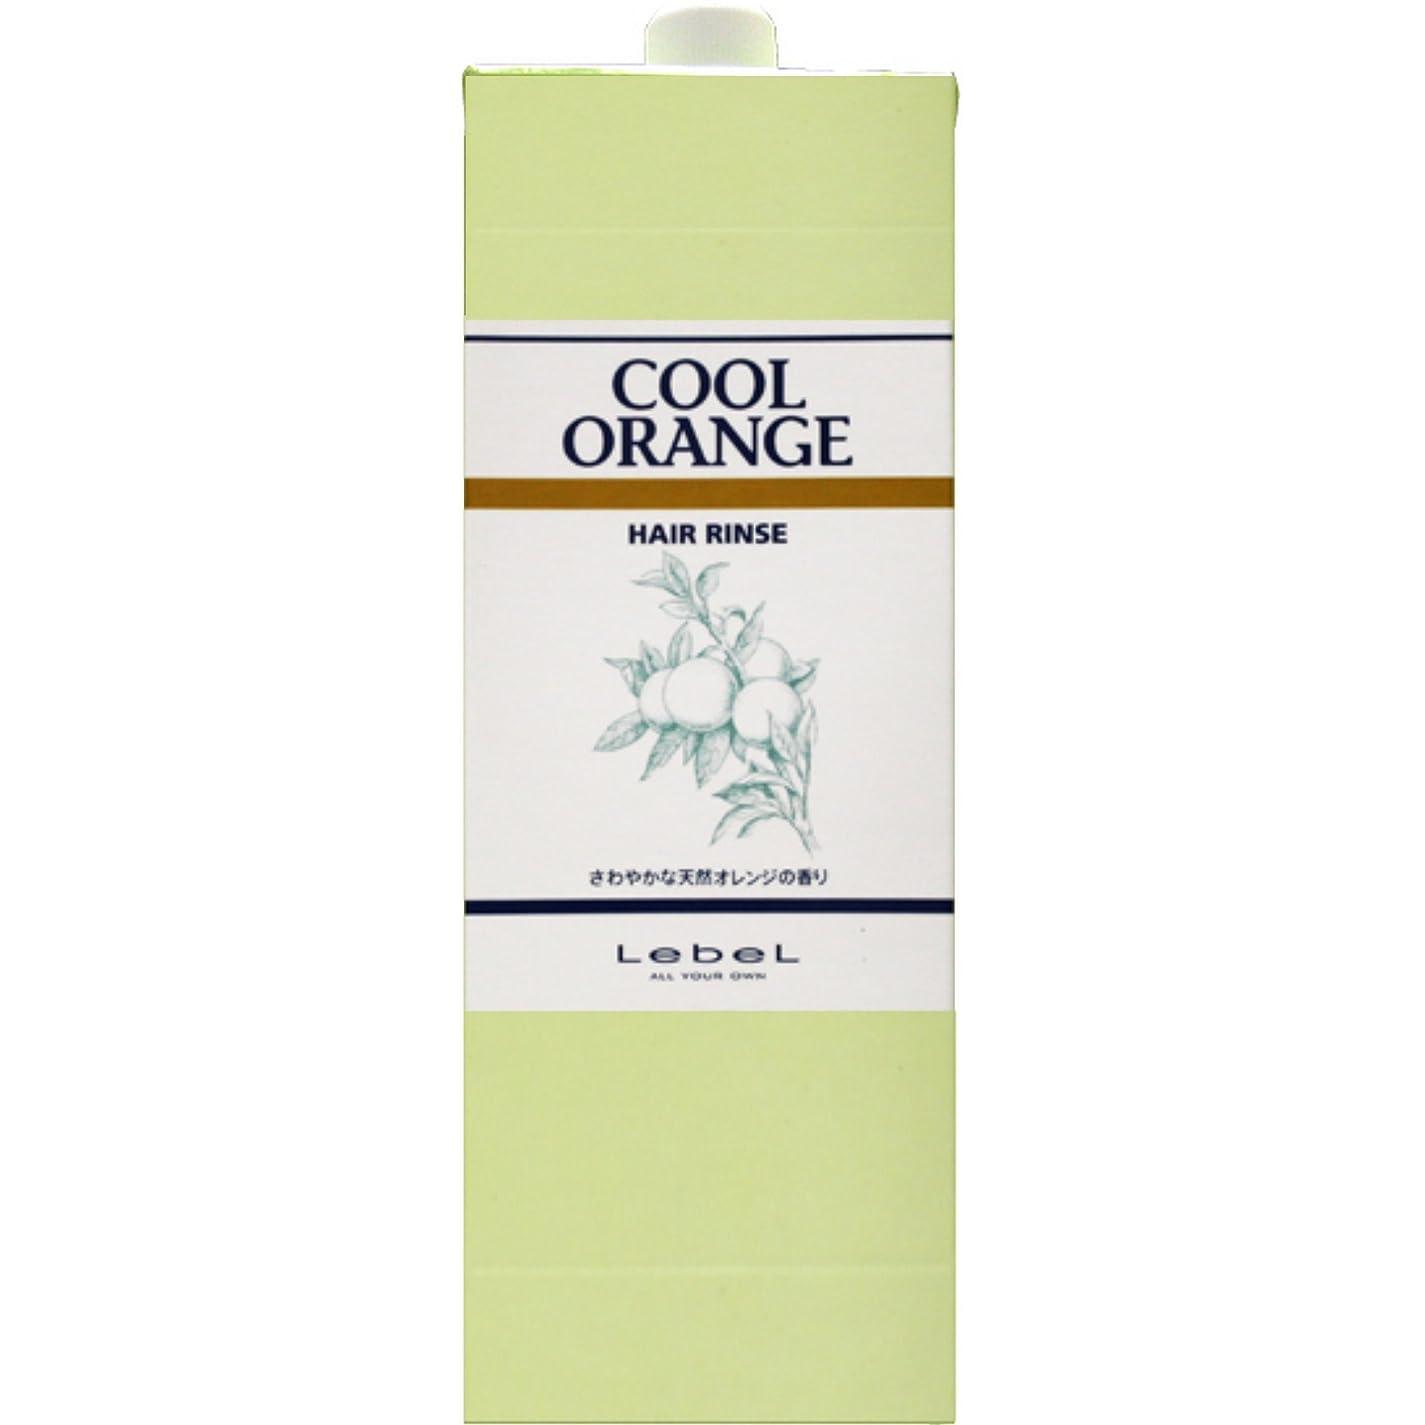 頼む特徴づける委任ルベル クールオレンジ ヘアリンス 1600ml(業務?詰替用)